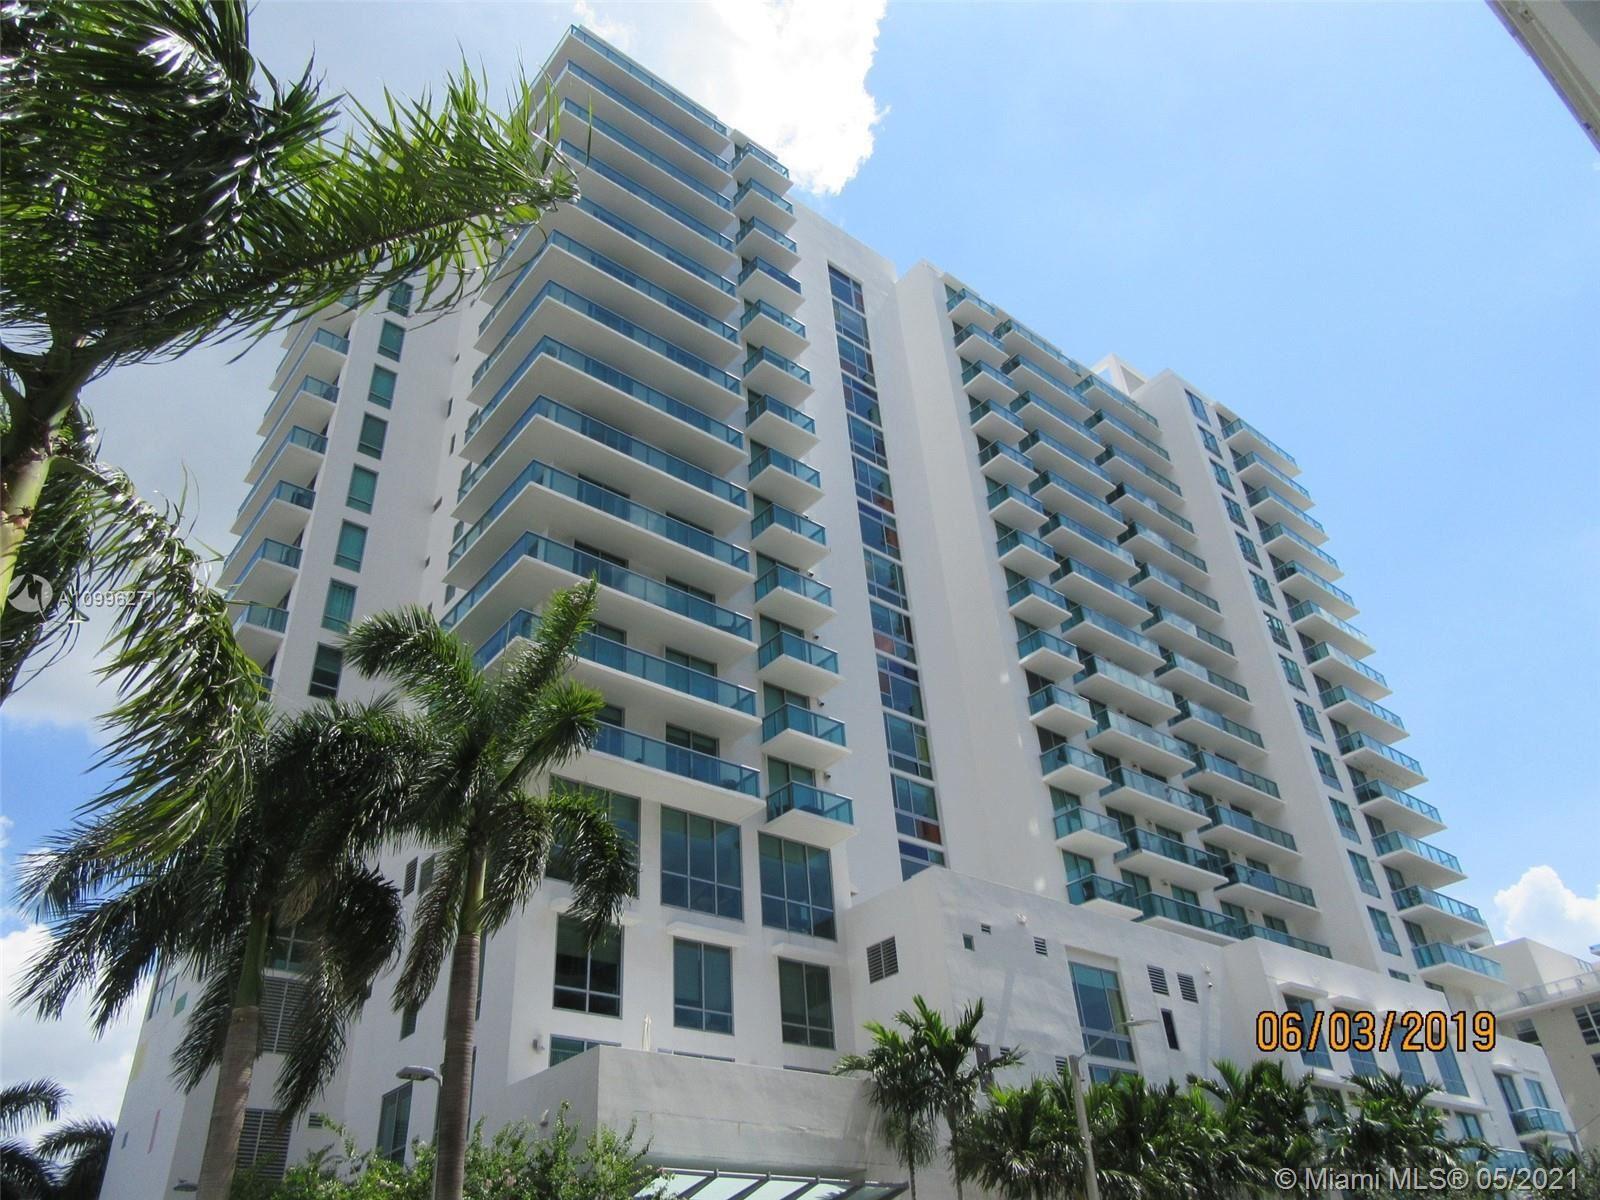 333 NE 24th St #1405, Miami, FL 33137 - #: A10996271